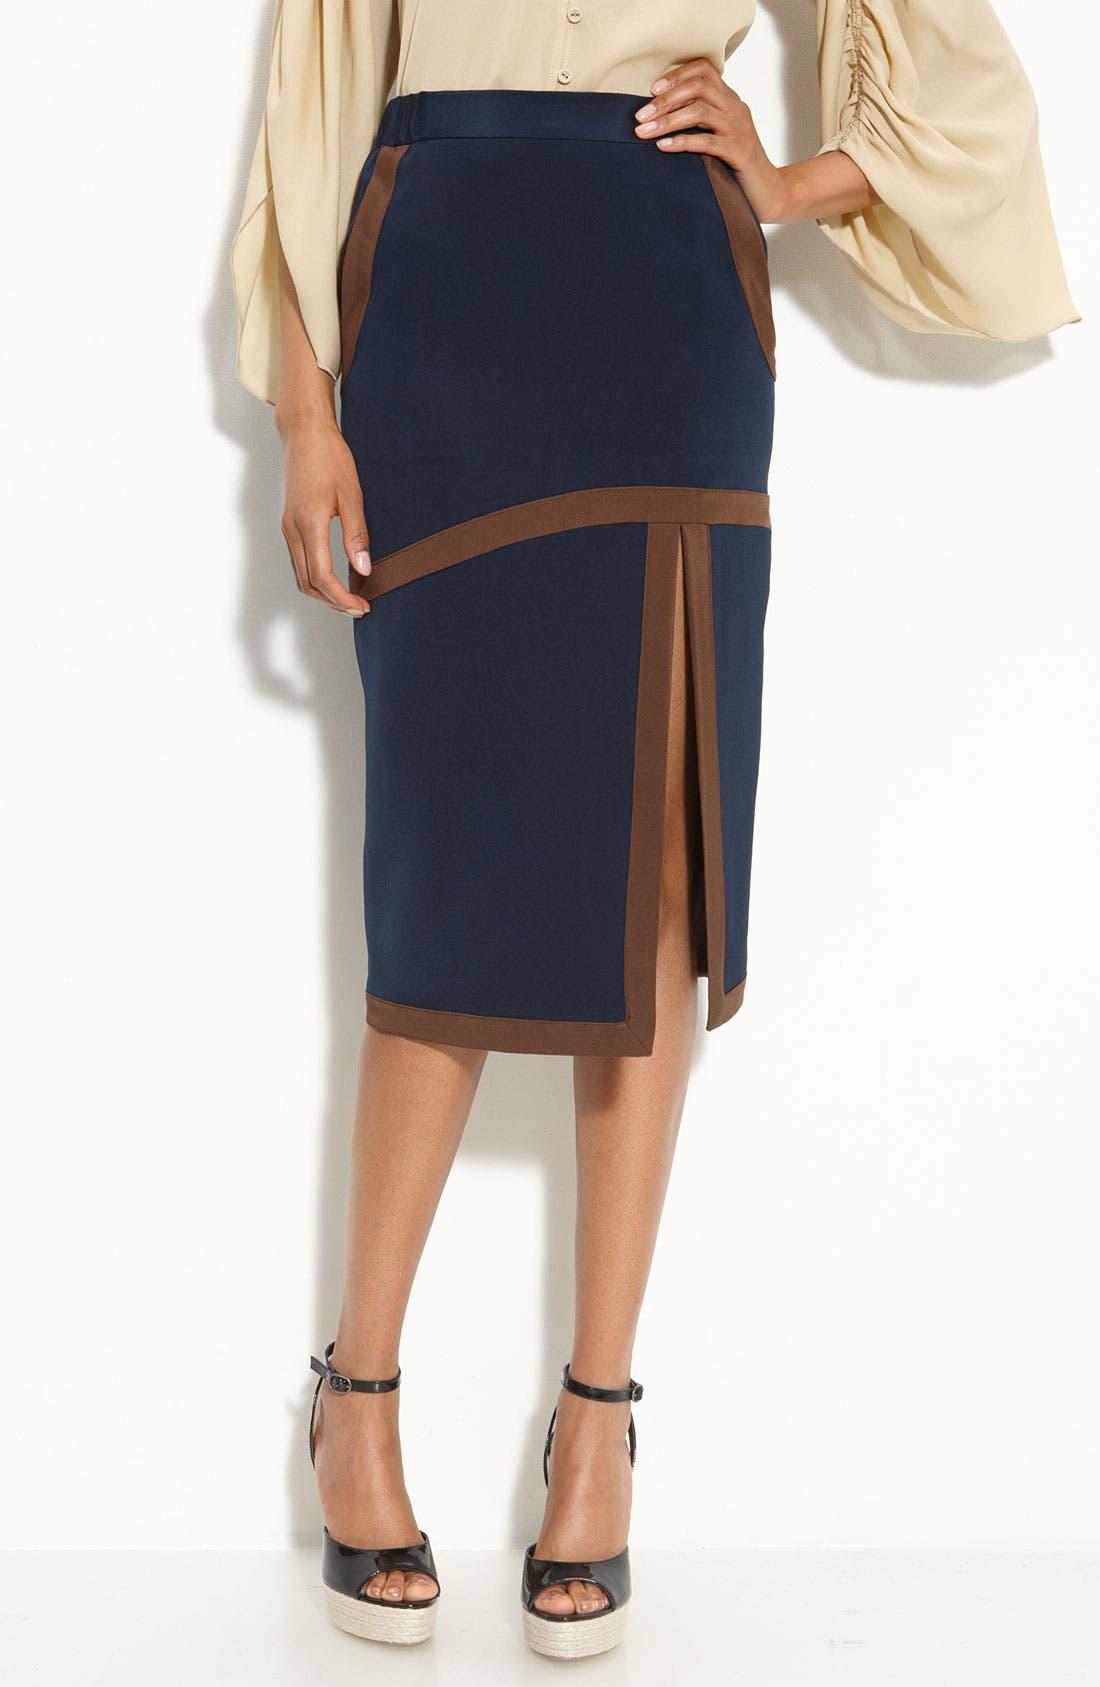 Main Image - RADENRORO 'Darmi' Silk Skirt